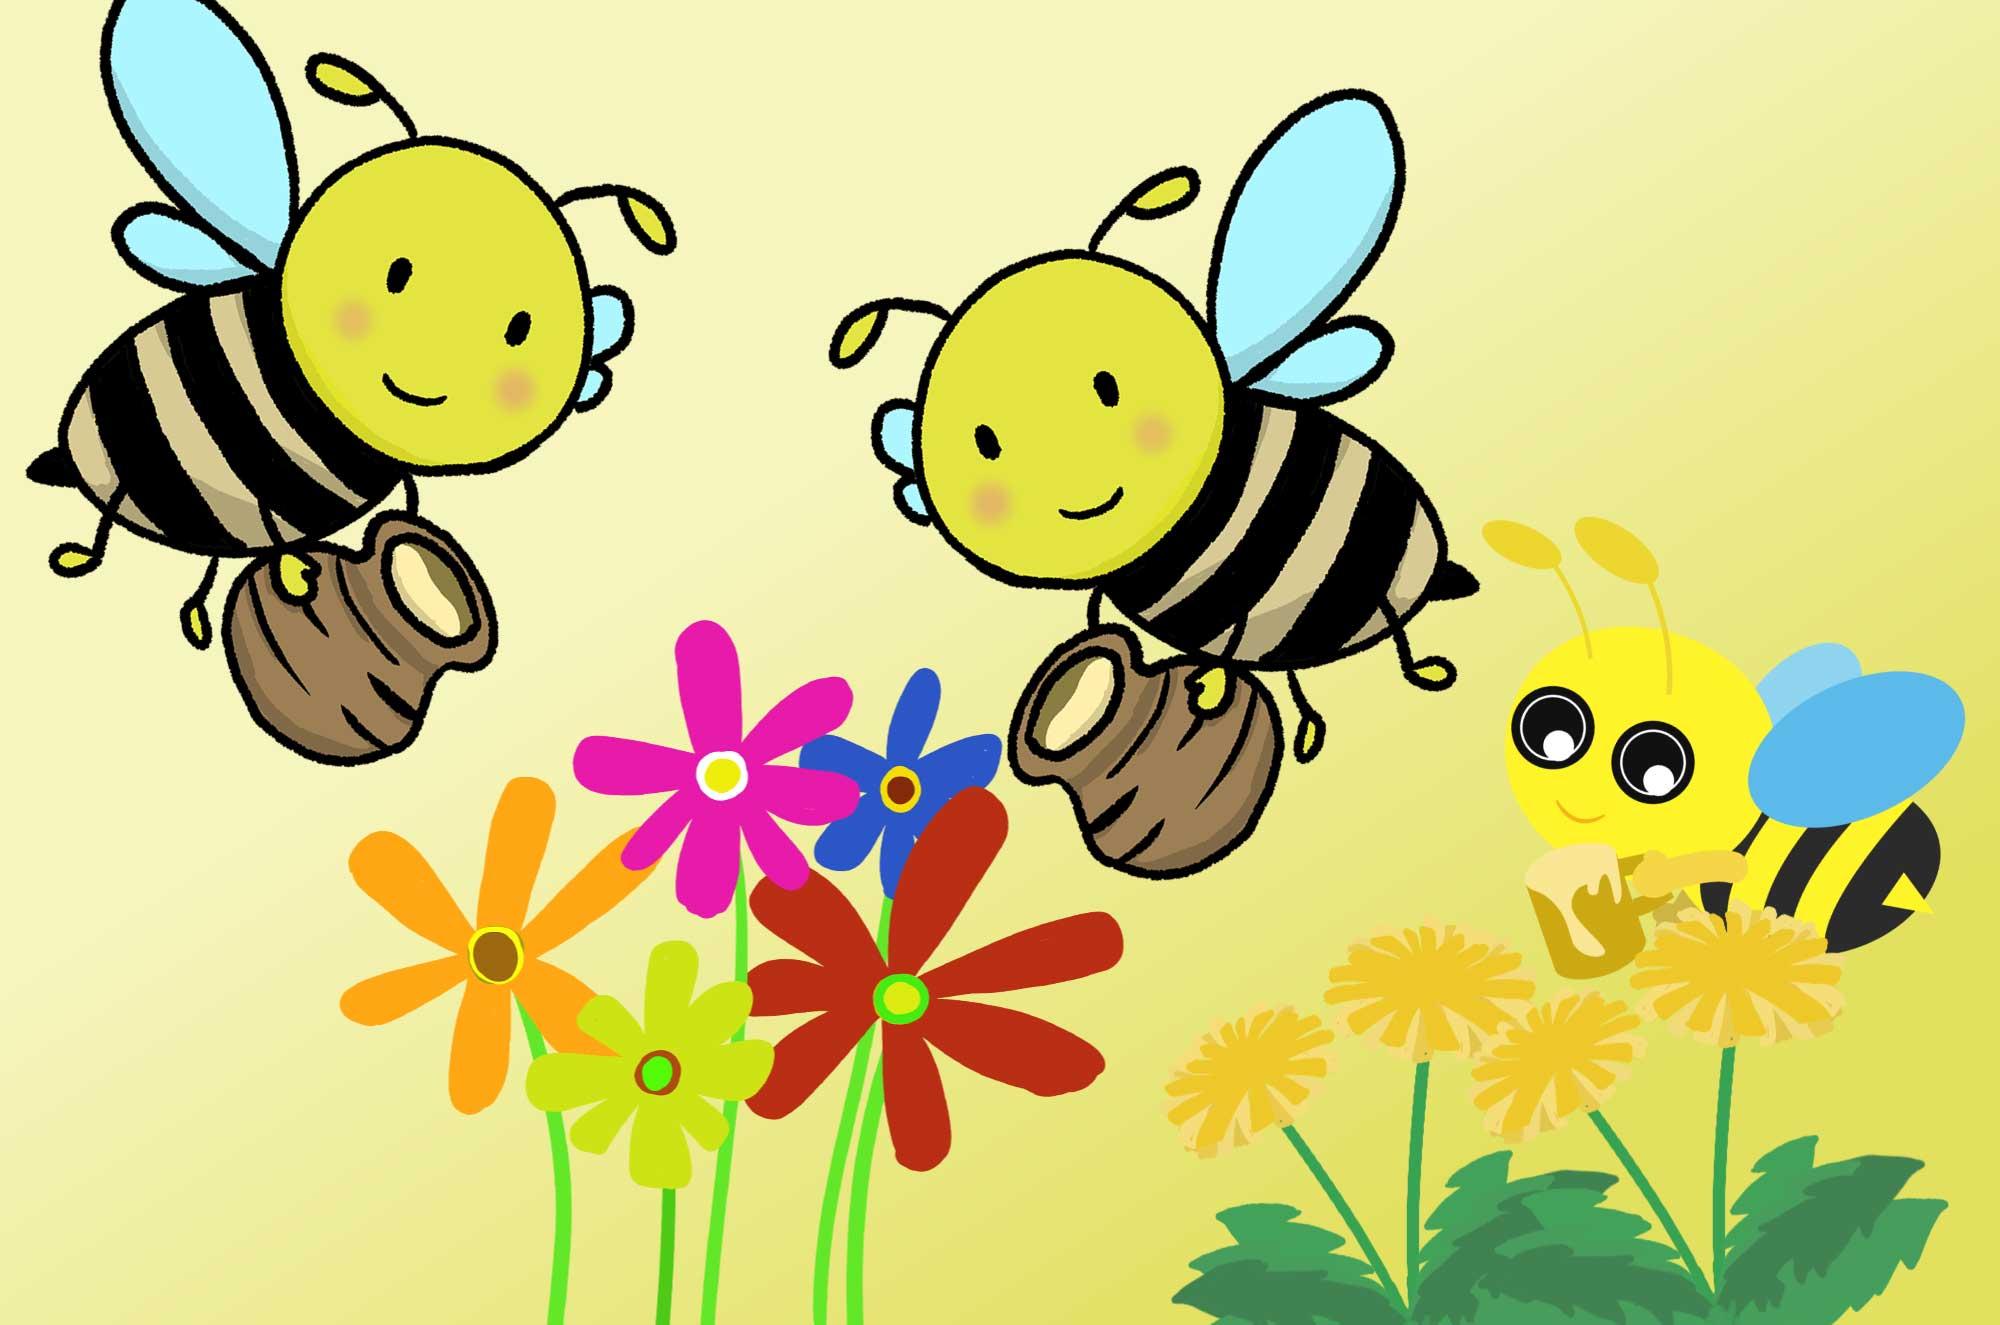 蜂のイラスト - 可愛い手書きのミツバチの無料素材